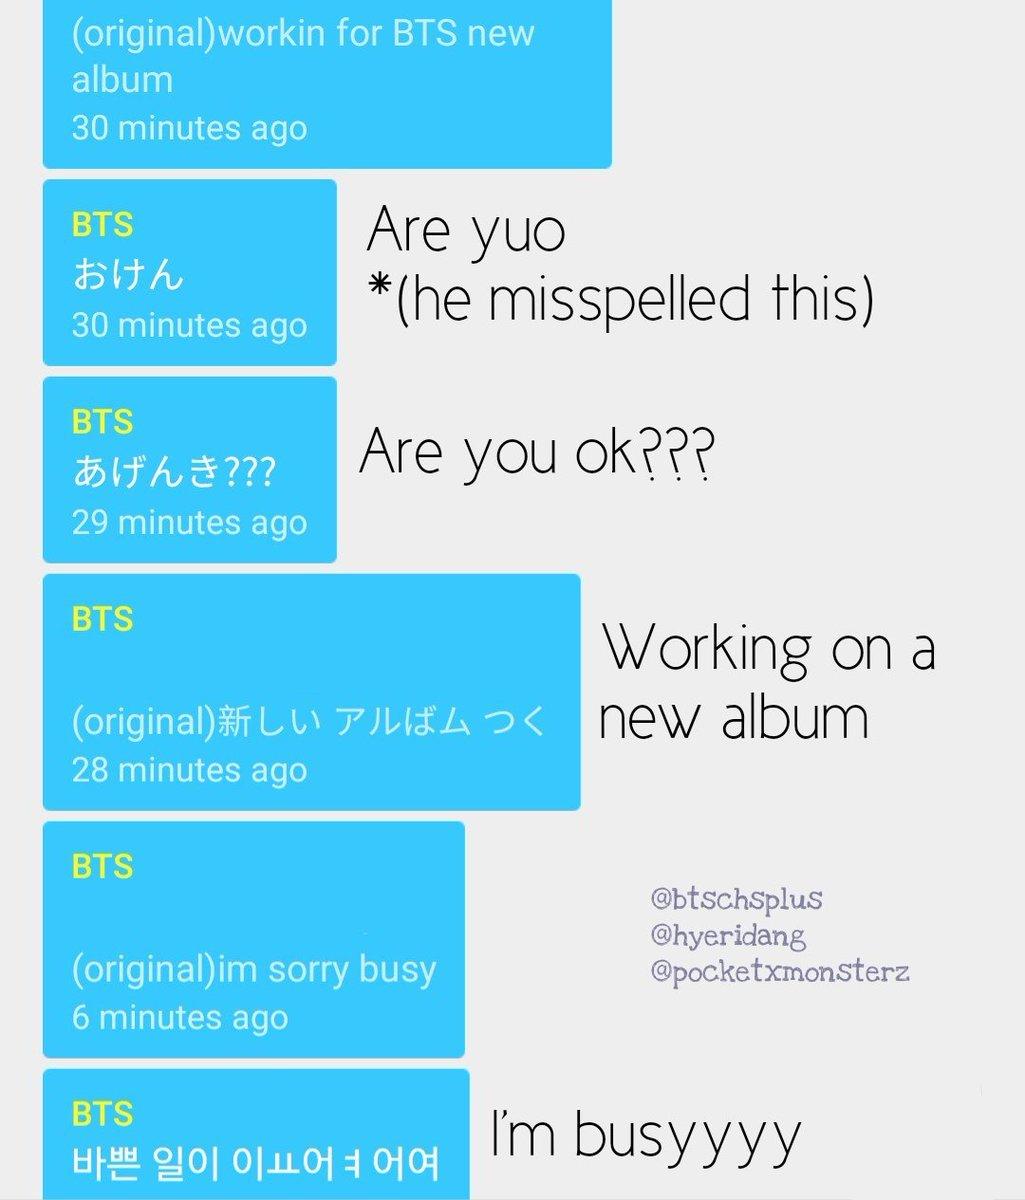 BTS Next Album - Hint